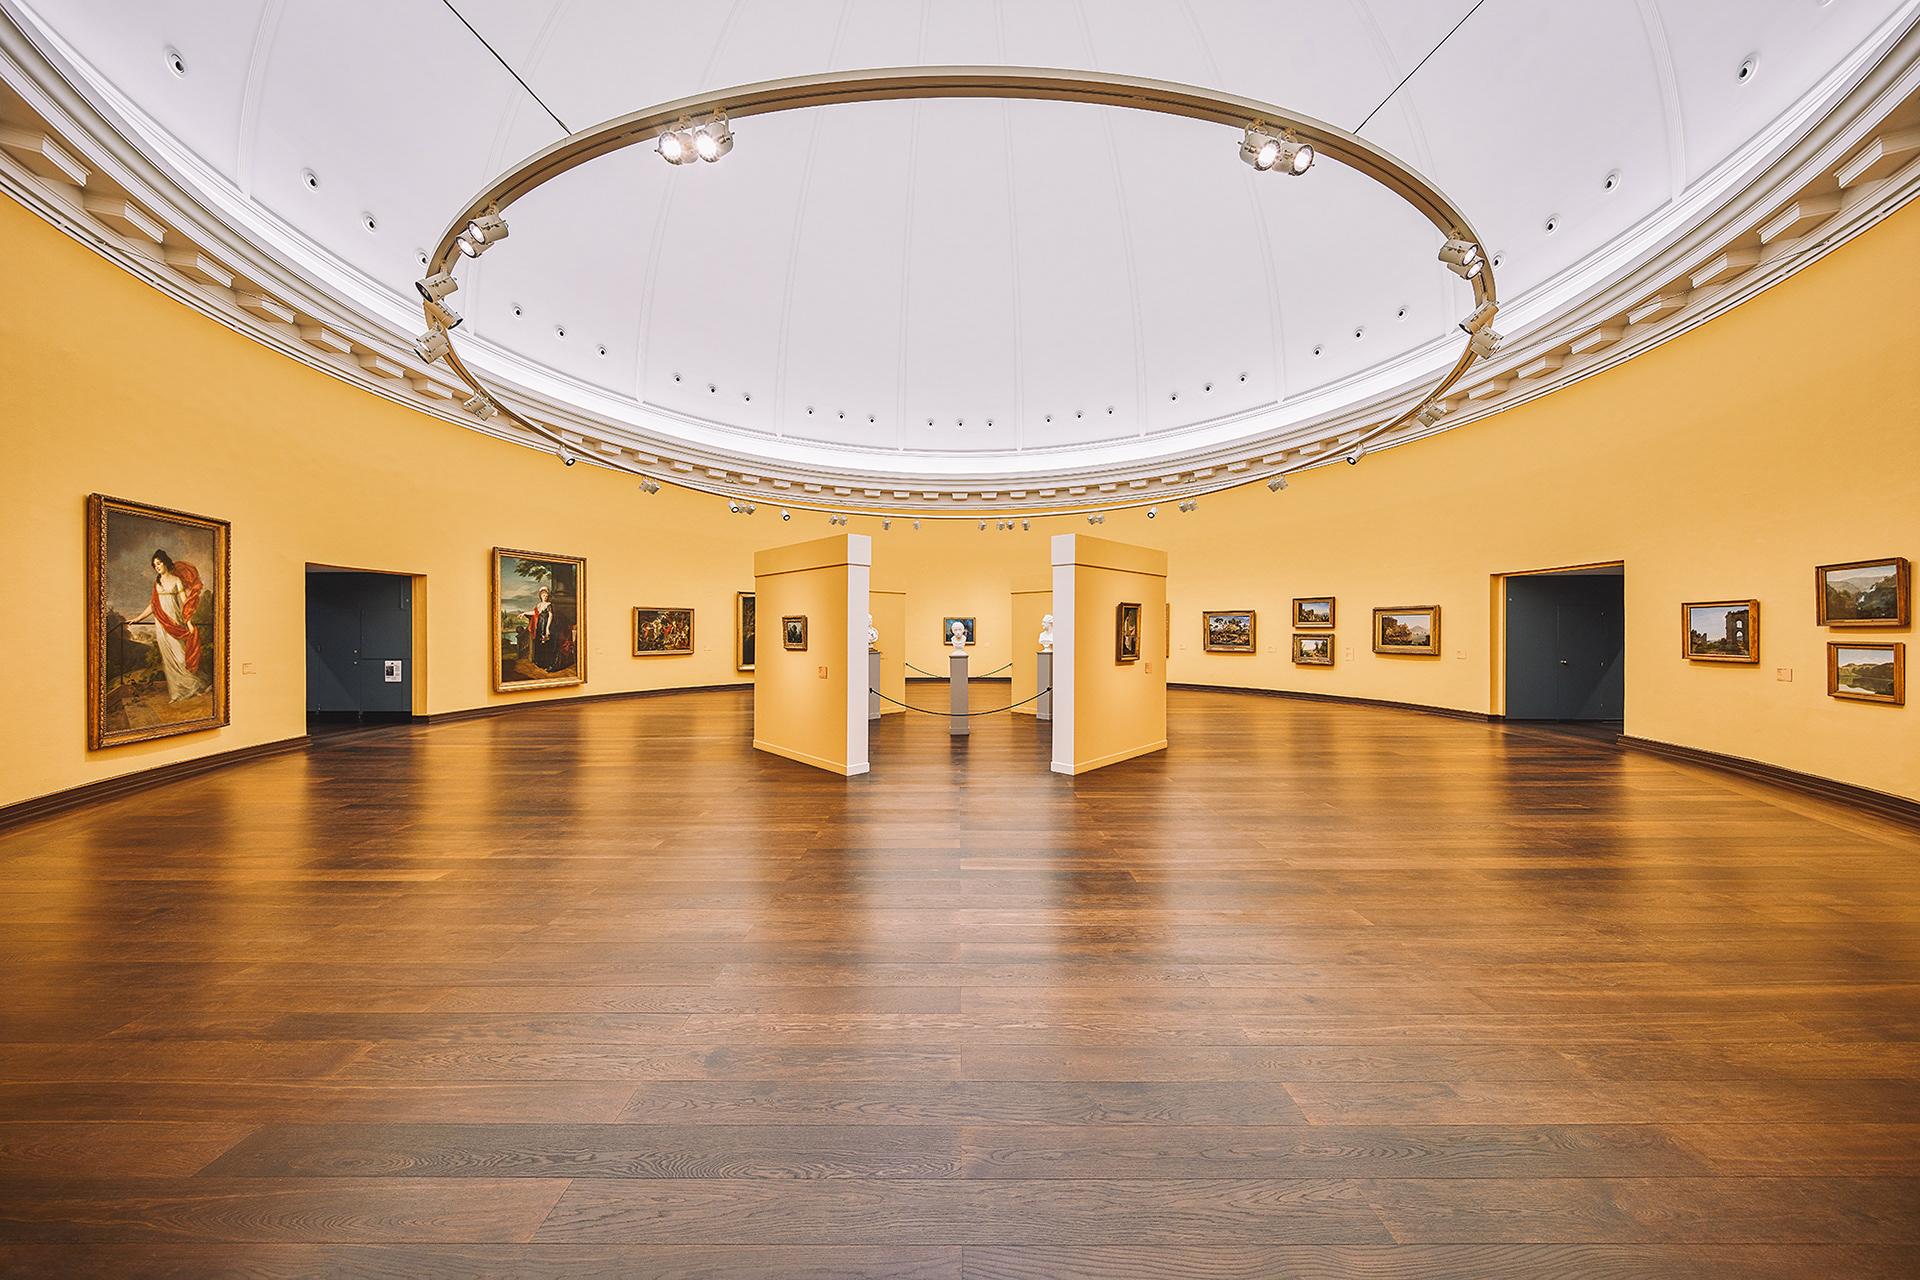 گالری هنری کونستهاله هامبورگ